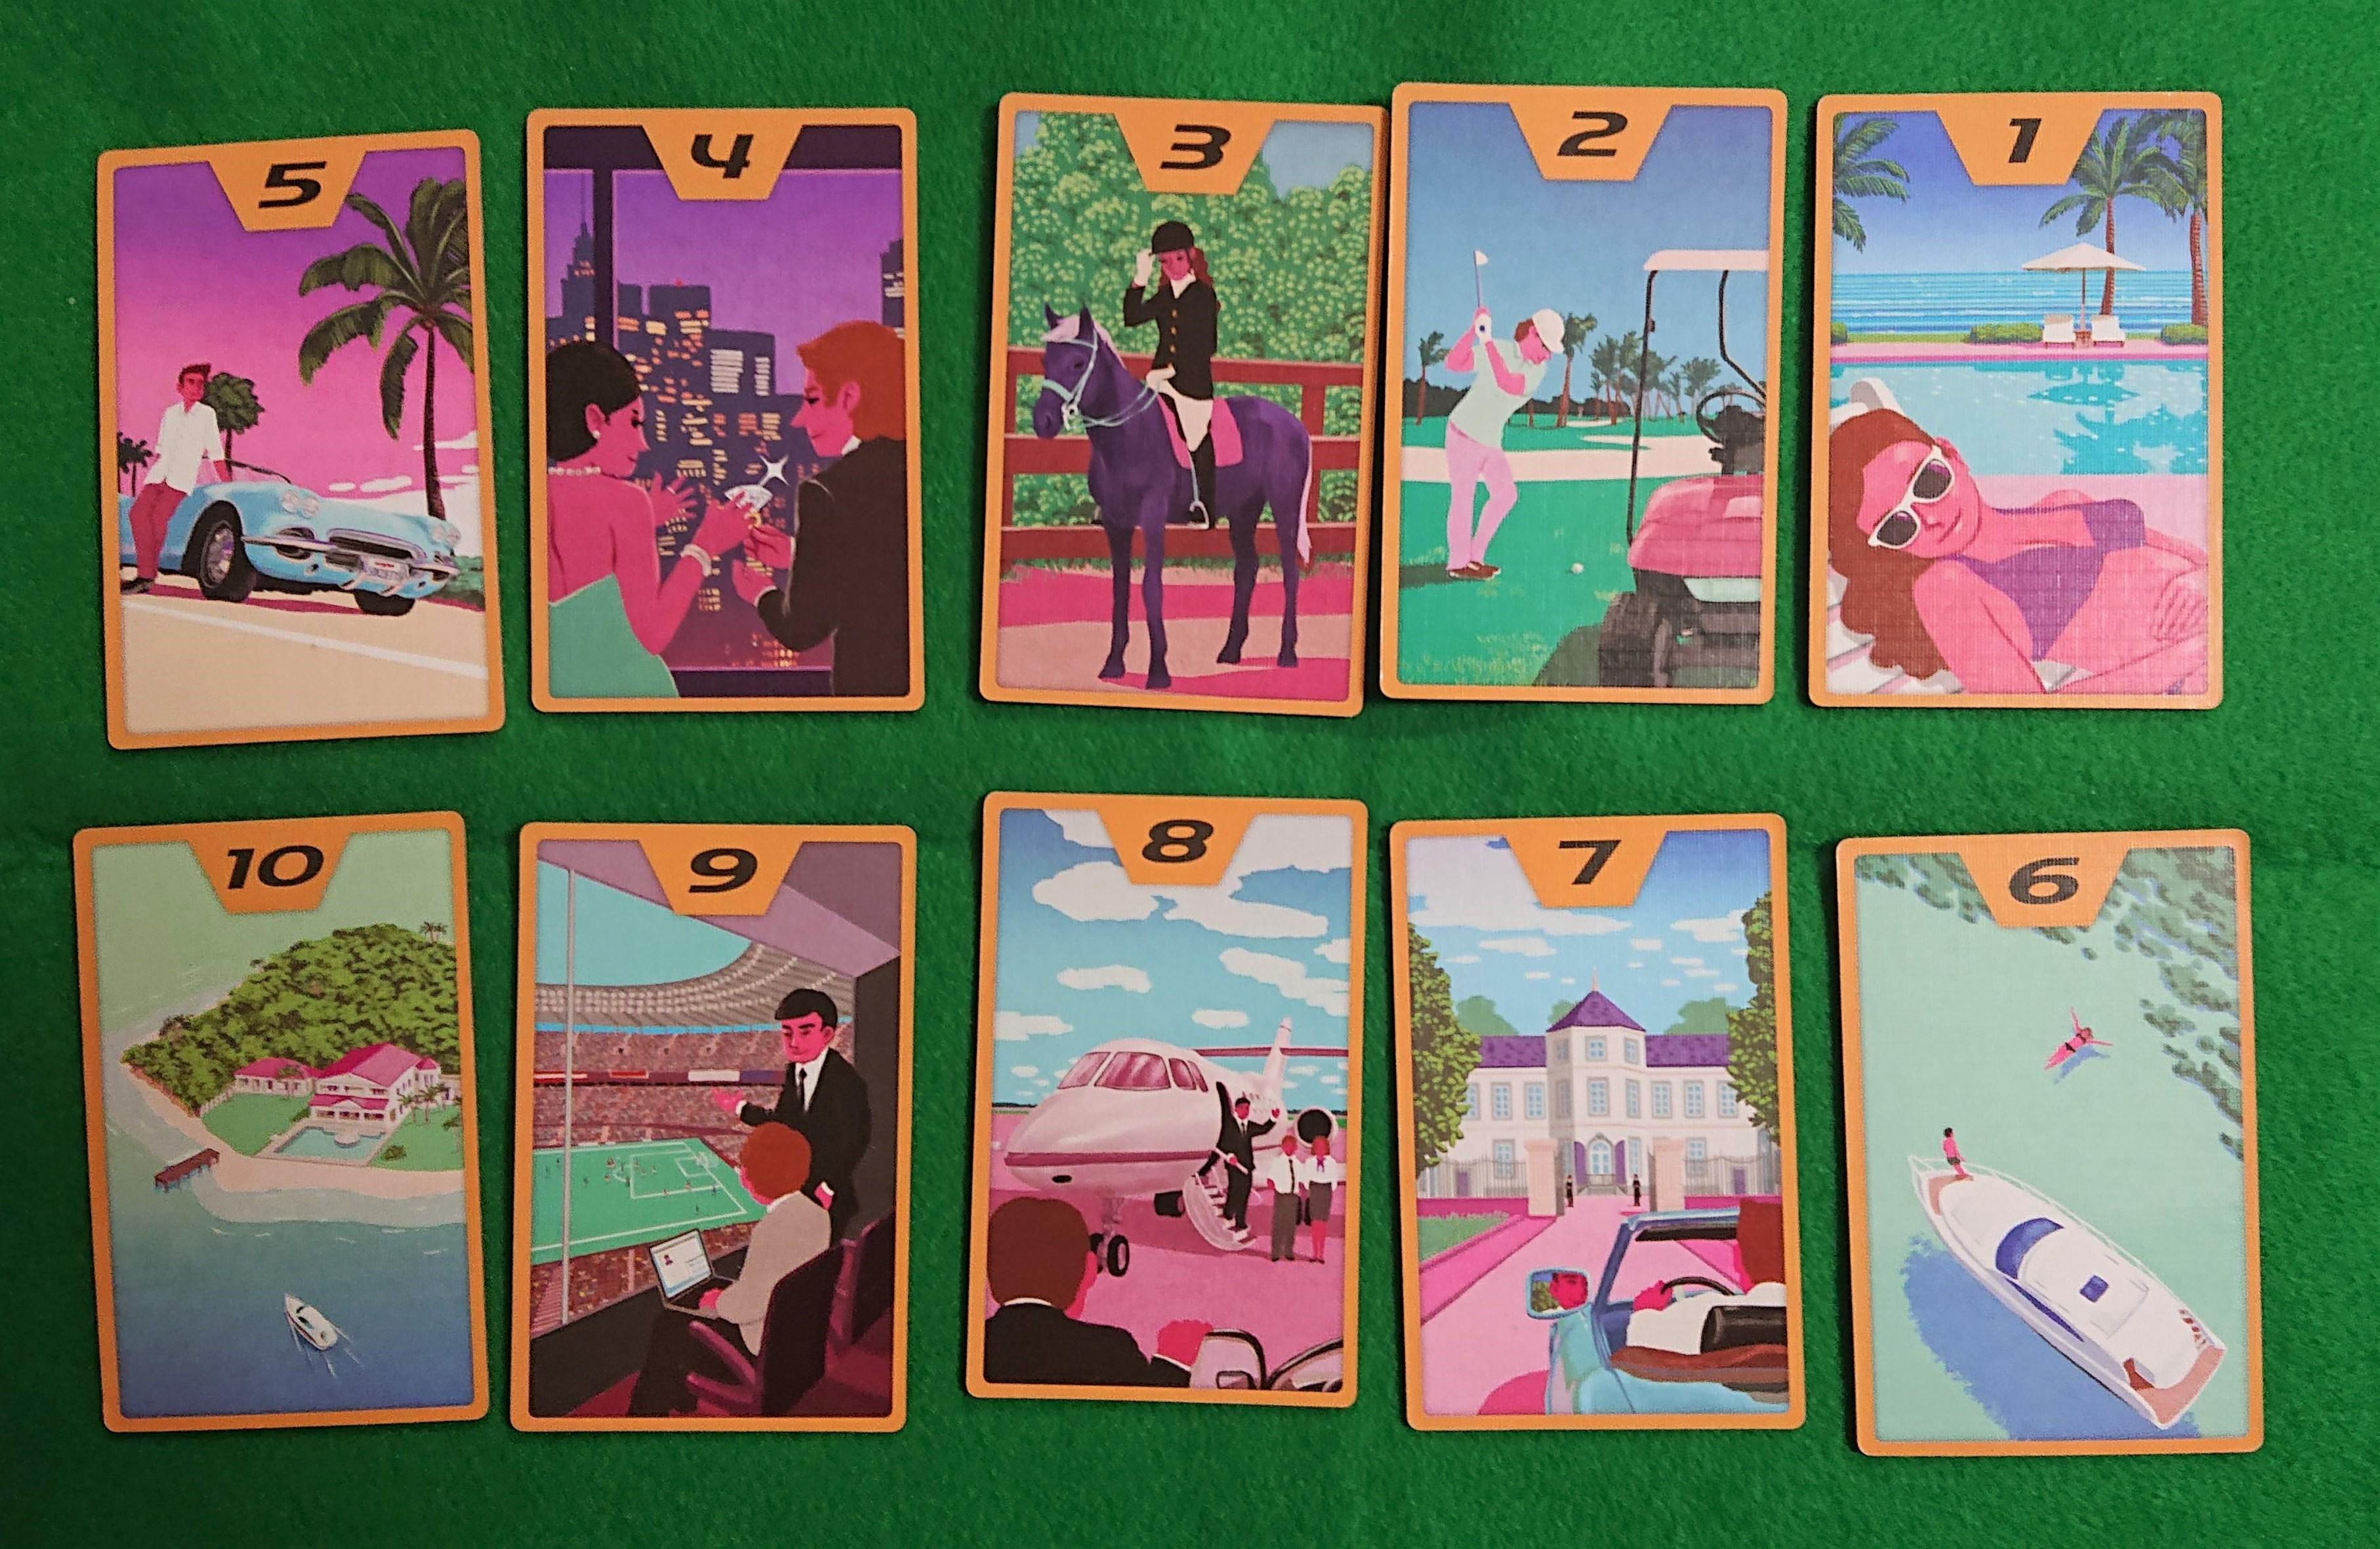 ハイソサエティ(HIGH SOCIETY) カードゲーム 何を買おうかな?